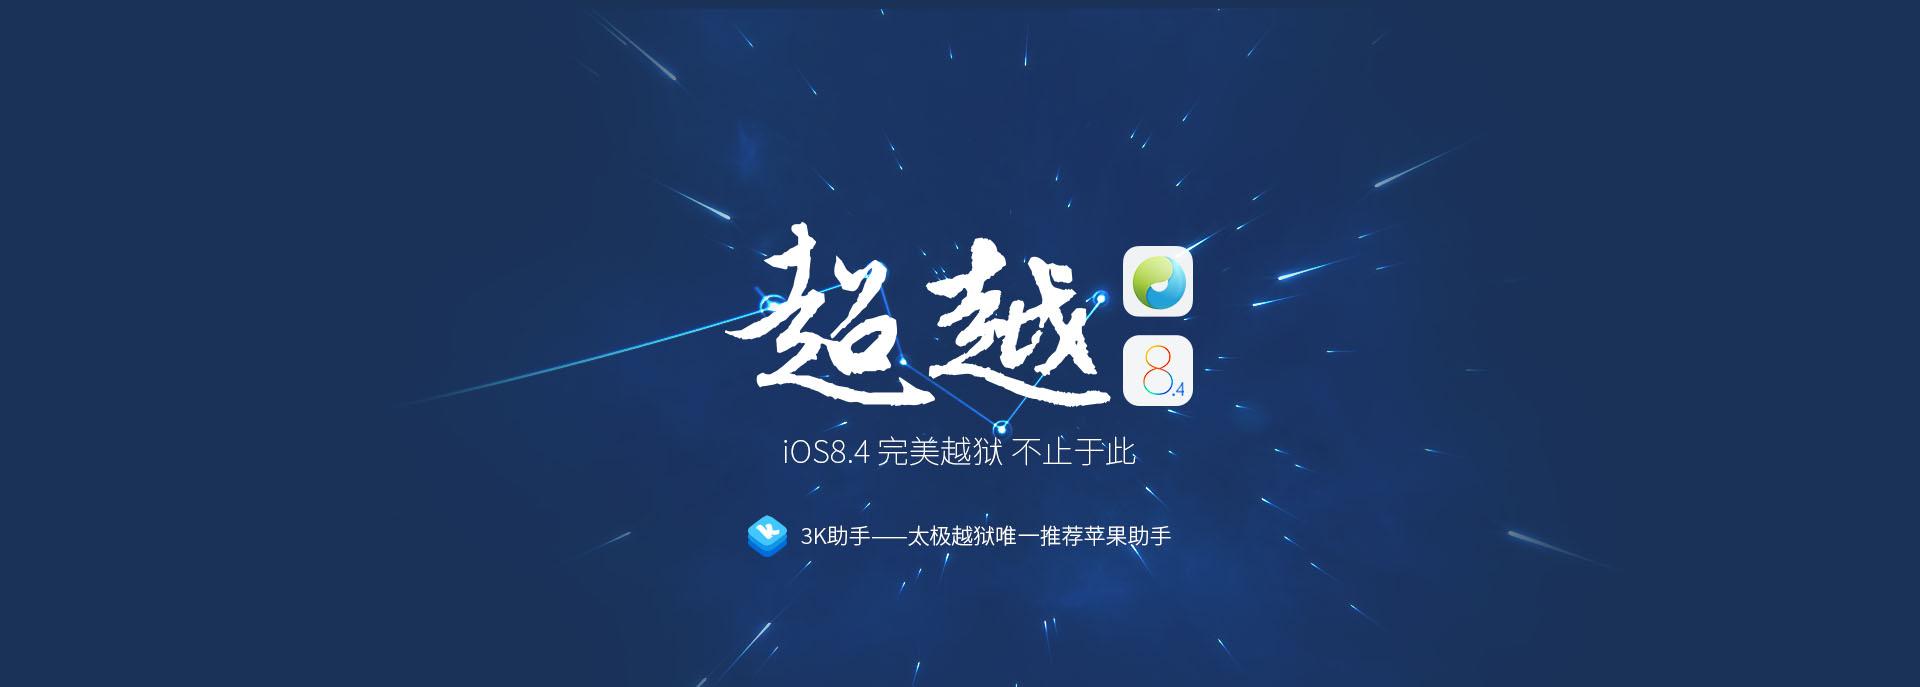 [JAILBREAK] iOS 8.4 Jailbreak HowTo